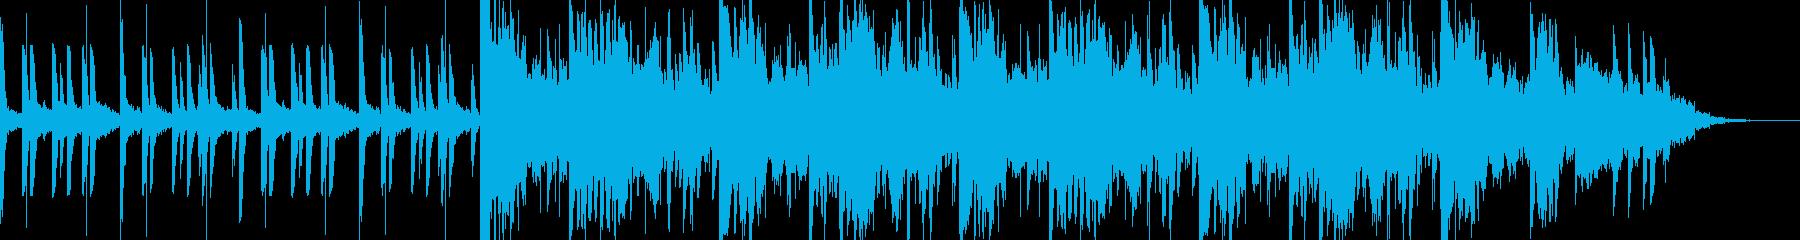 ベッドルームmusic③(チルアウト)の再生済みの波形